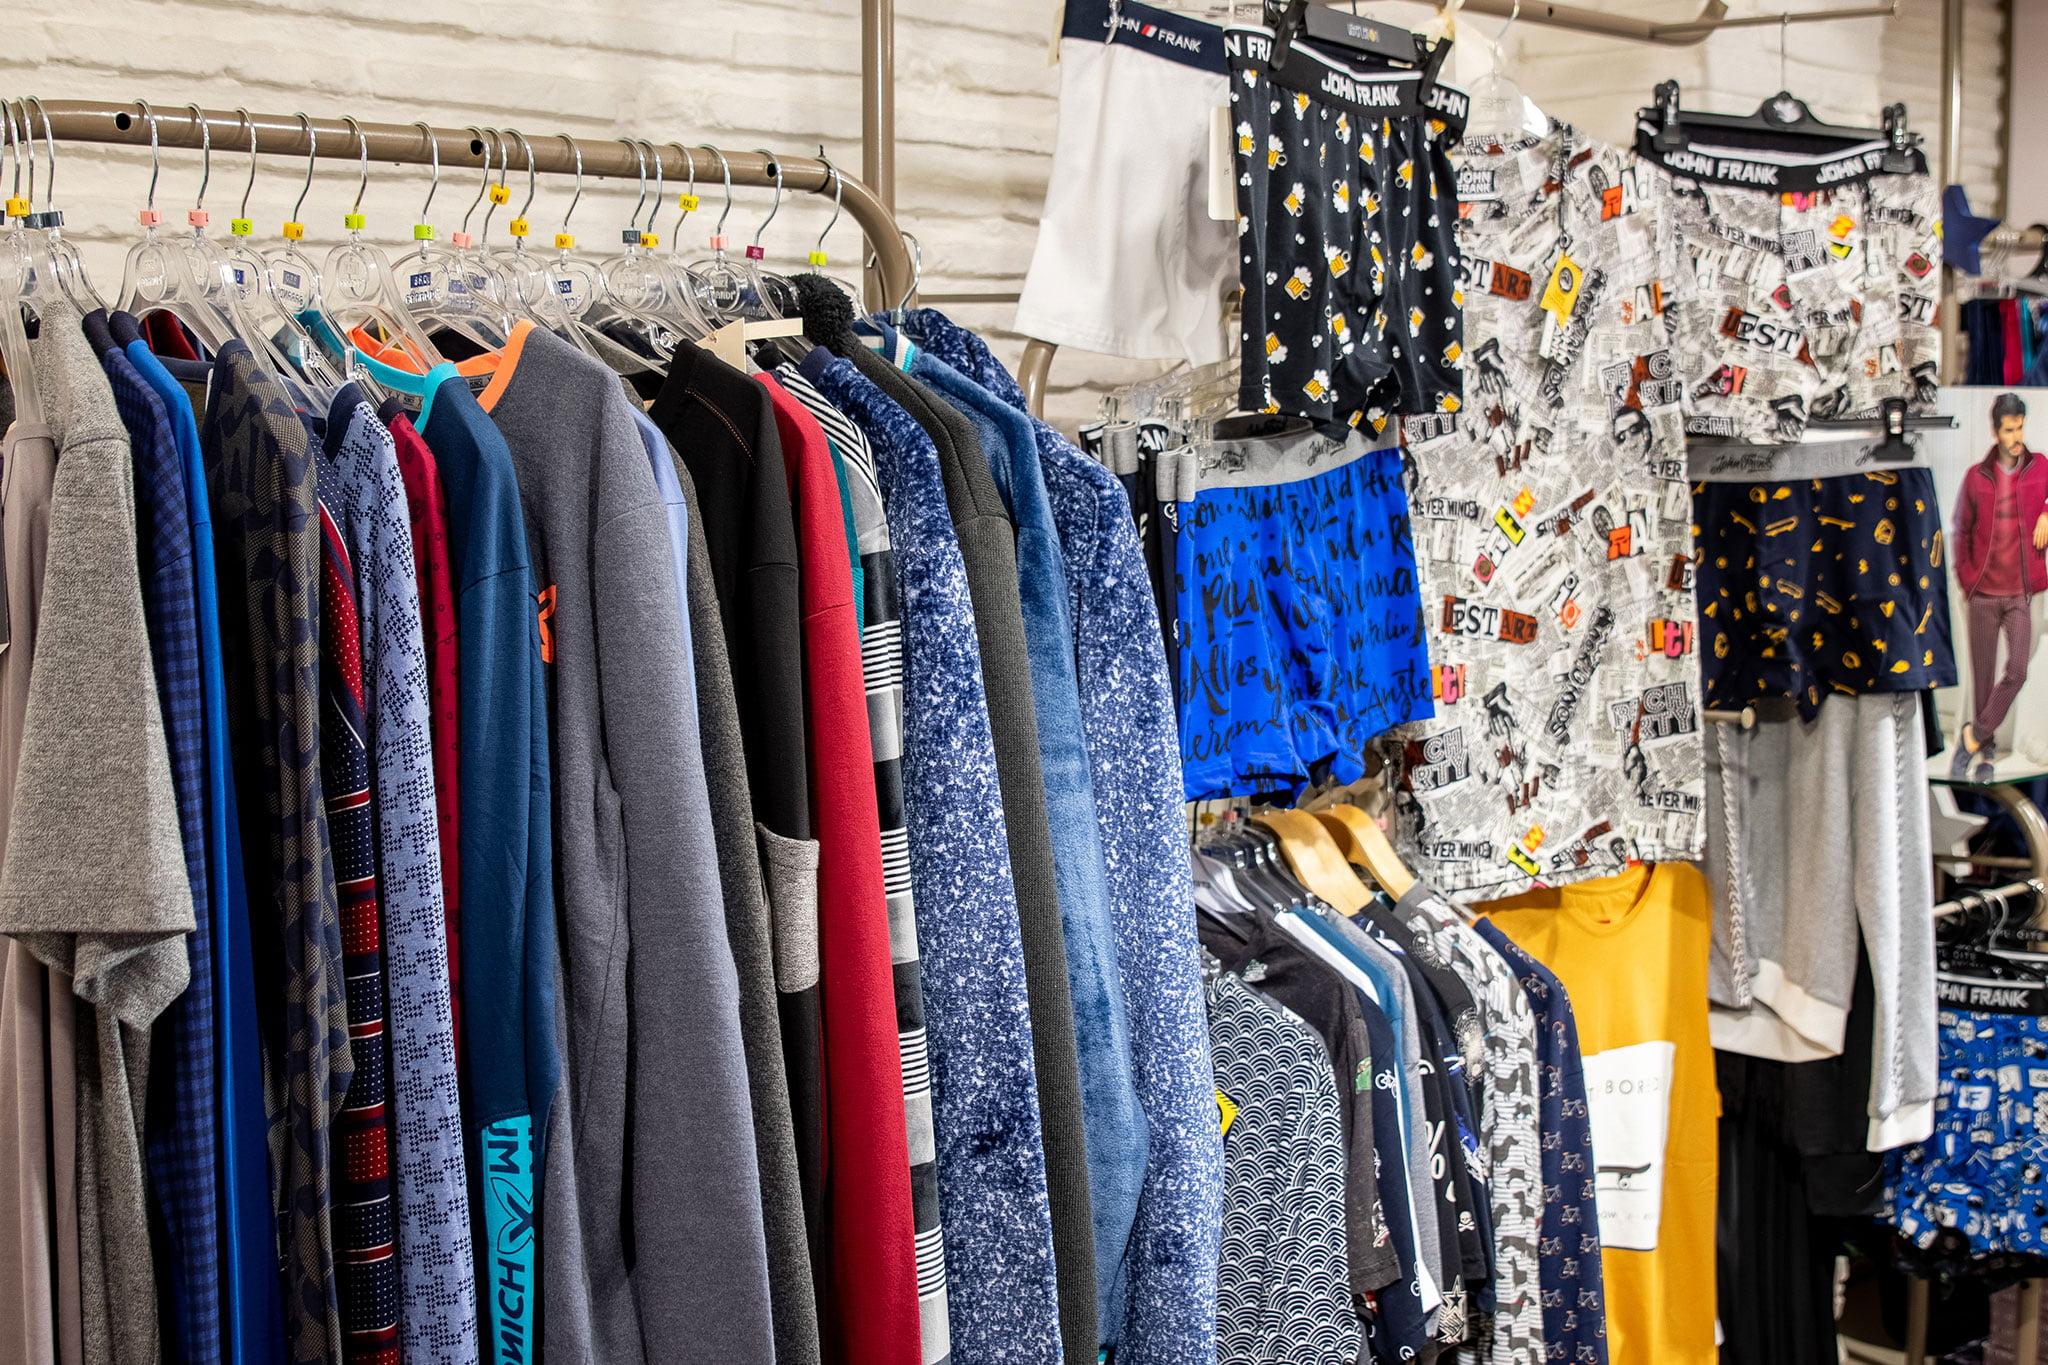 Pijamas y calzoncillos en Dénia – Leveleleven